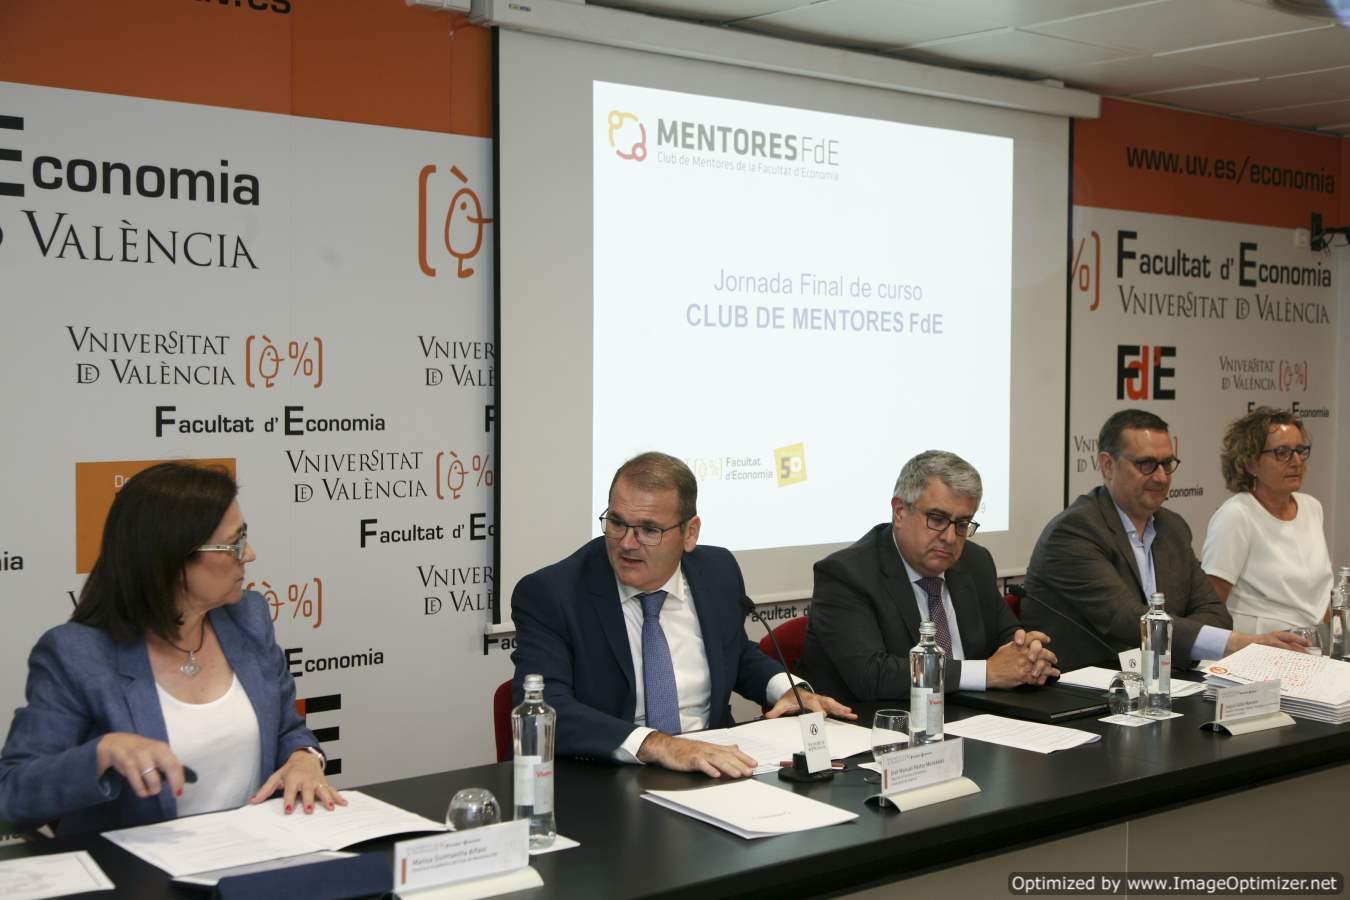 El Club de Mentors de la Facultat d'Economia de la Universitat de València va celebrar la jornada final de curs 2018-2019 - imatge 0